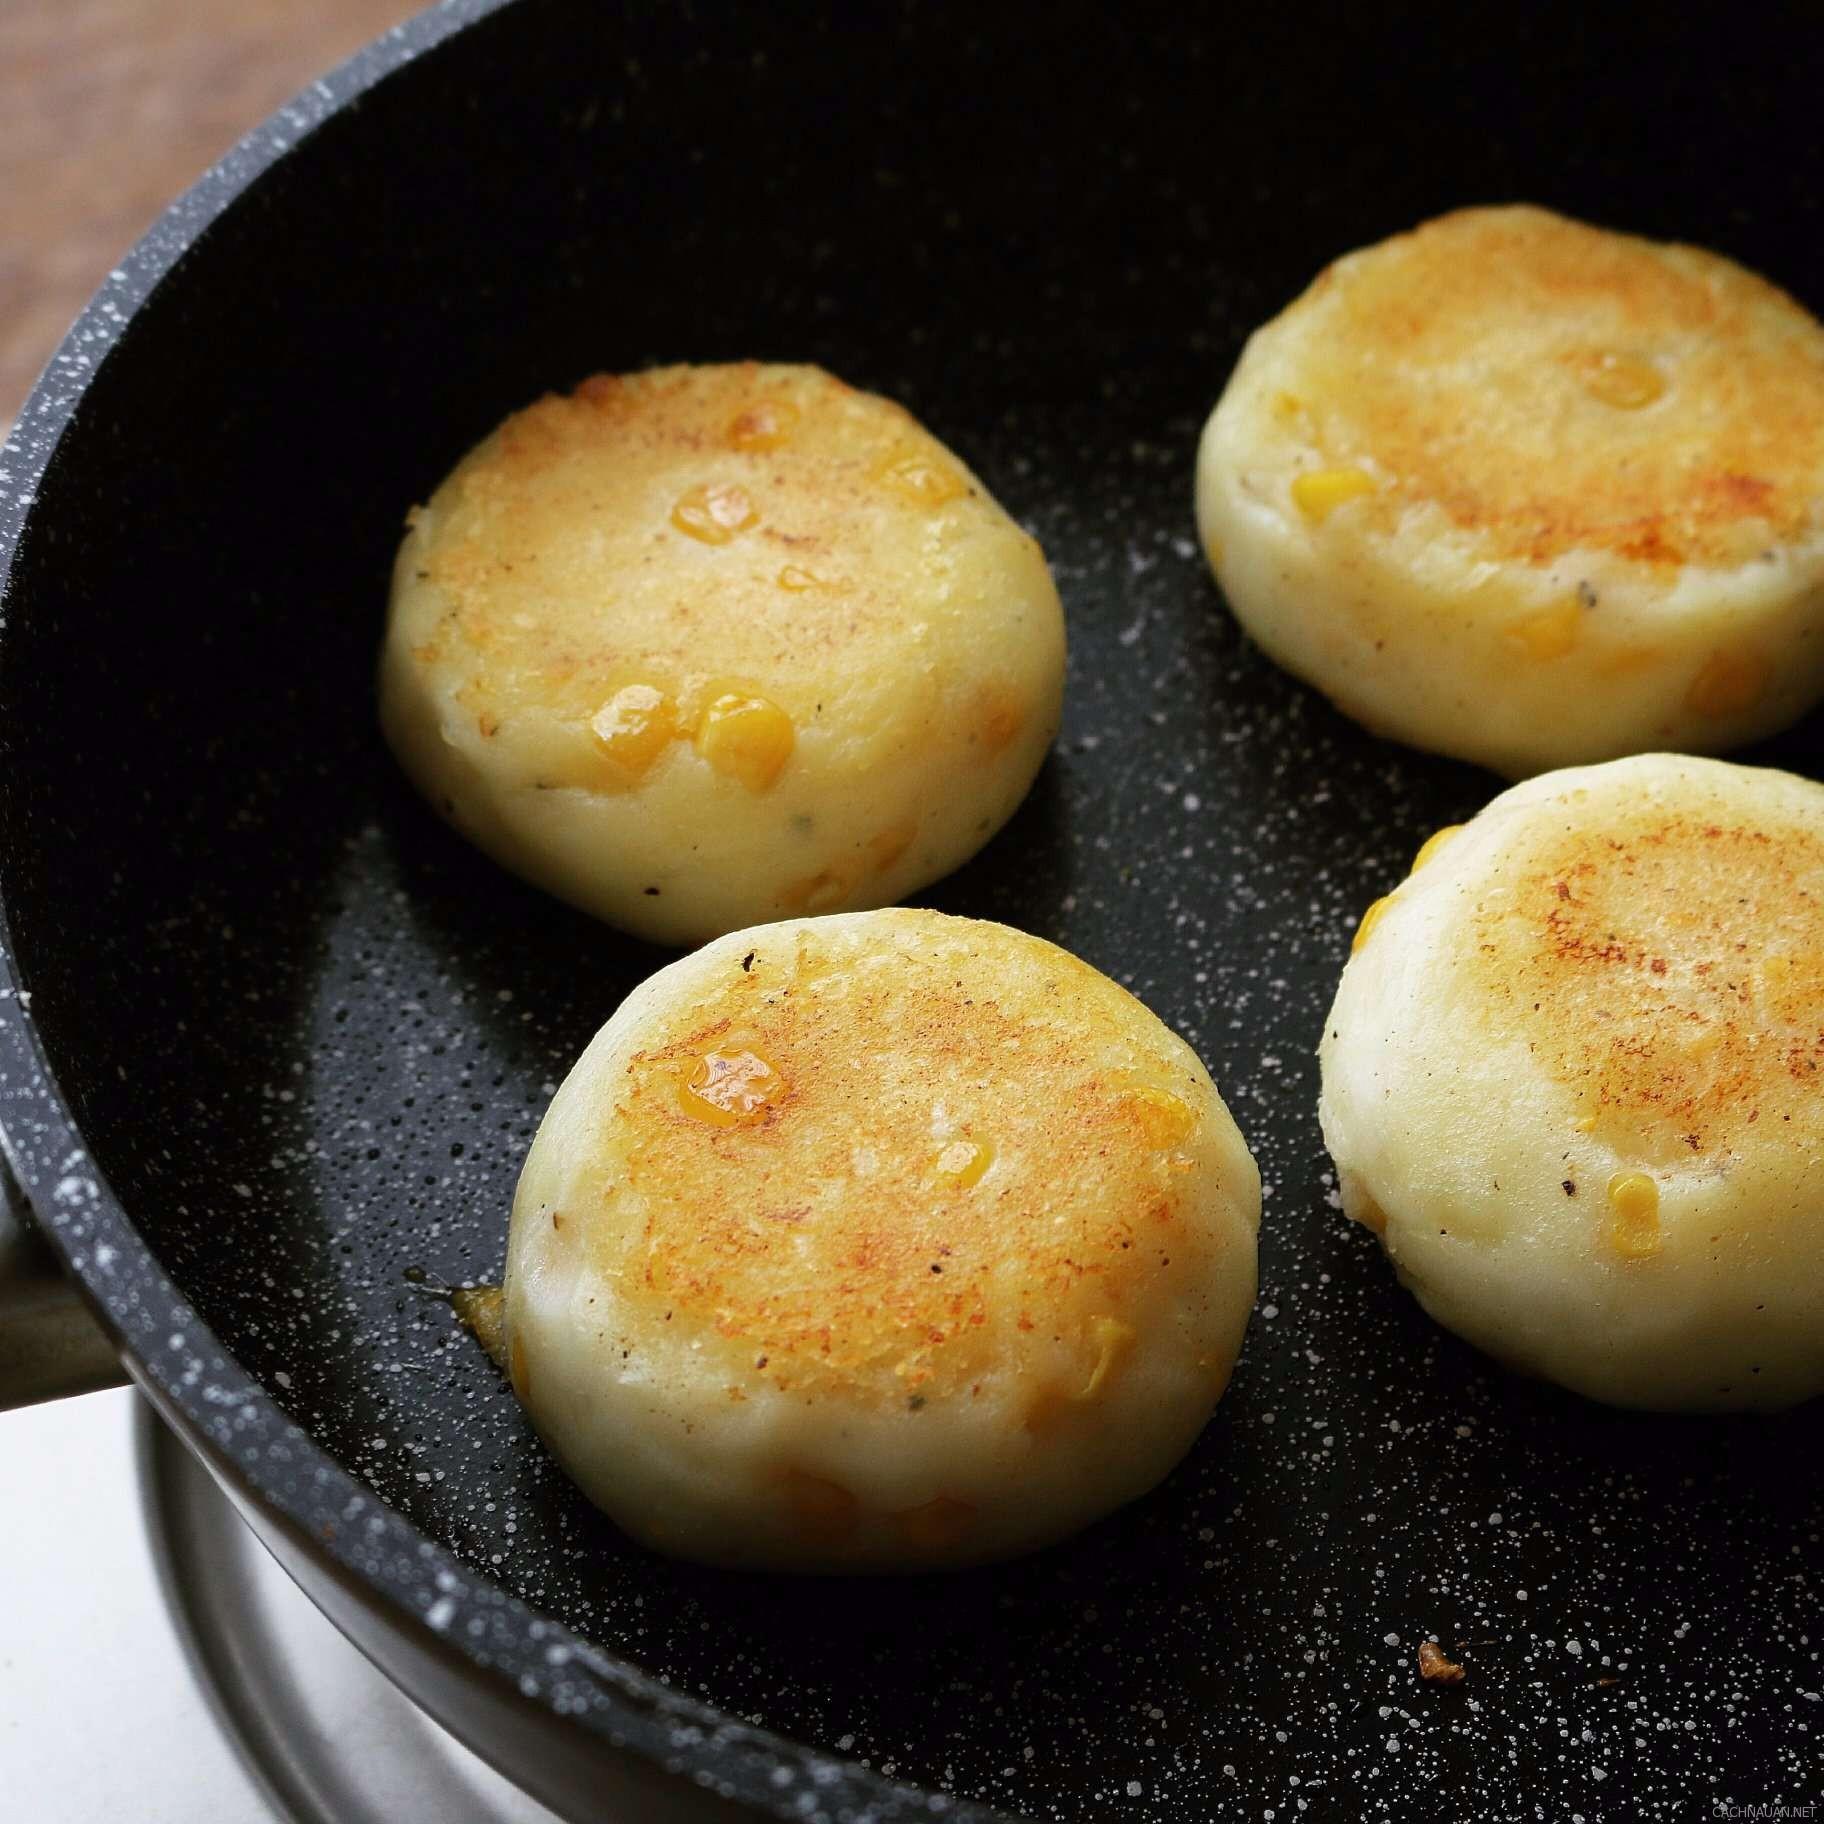 cach lam banh khoai tay chien pho mai thom ngon 6 - Cách làm bánh khoai tây chiên phô mai thơm ngon